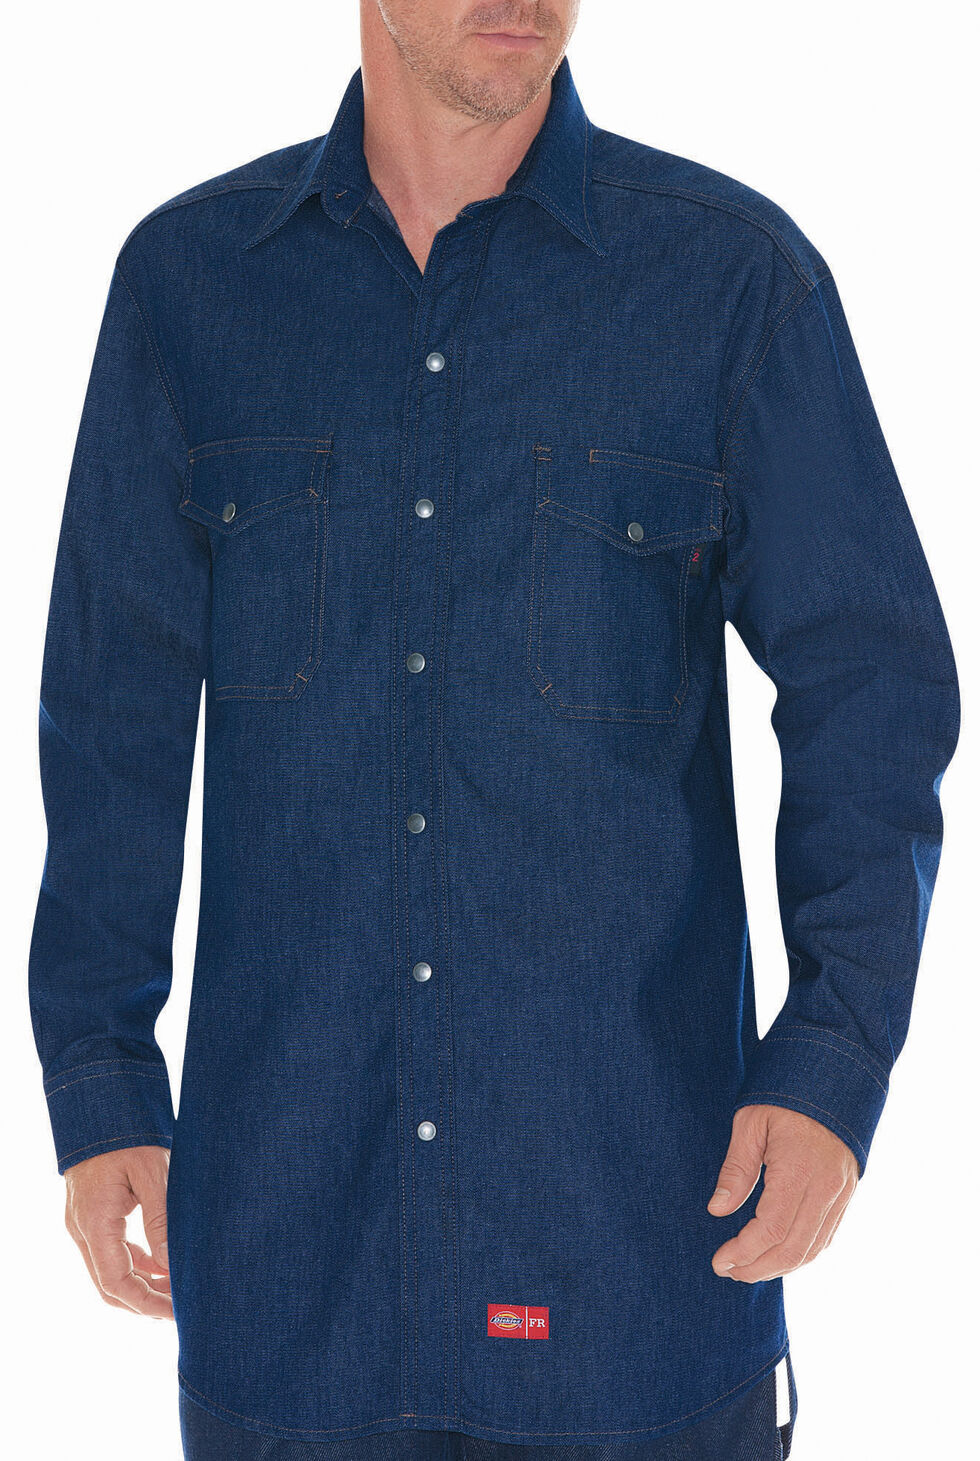 Dickies Flame Resistant Denim Work Shirt, Blue, hi-res